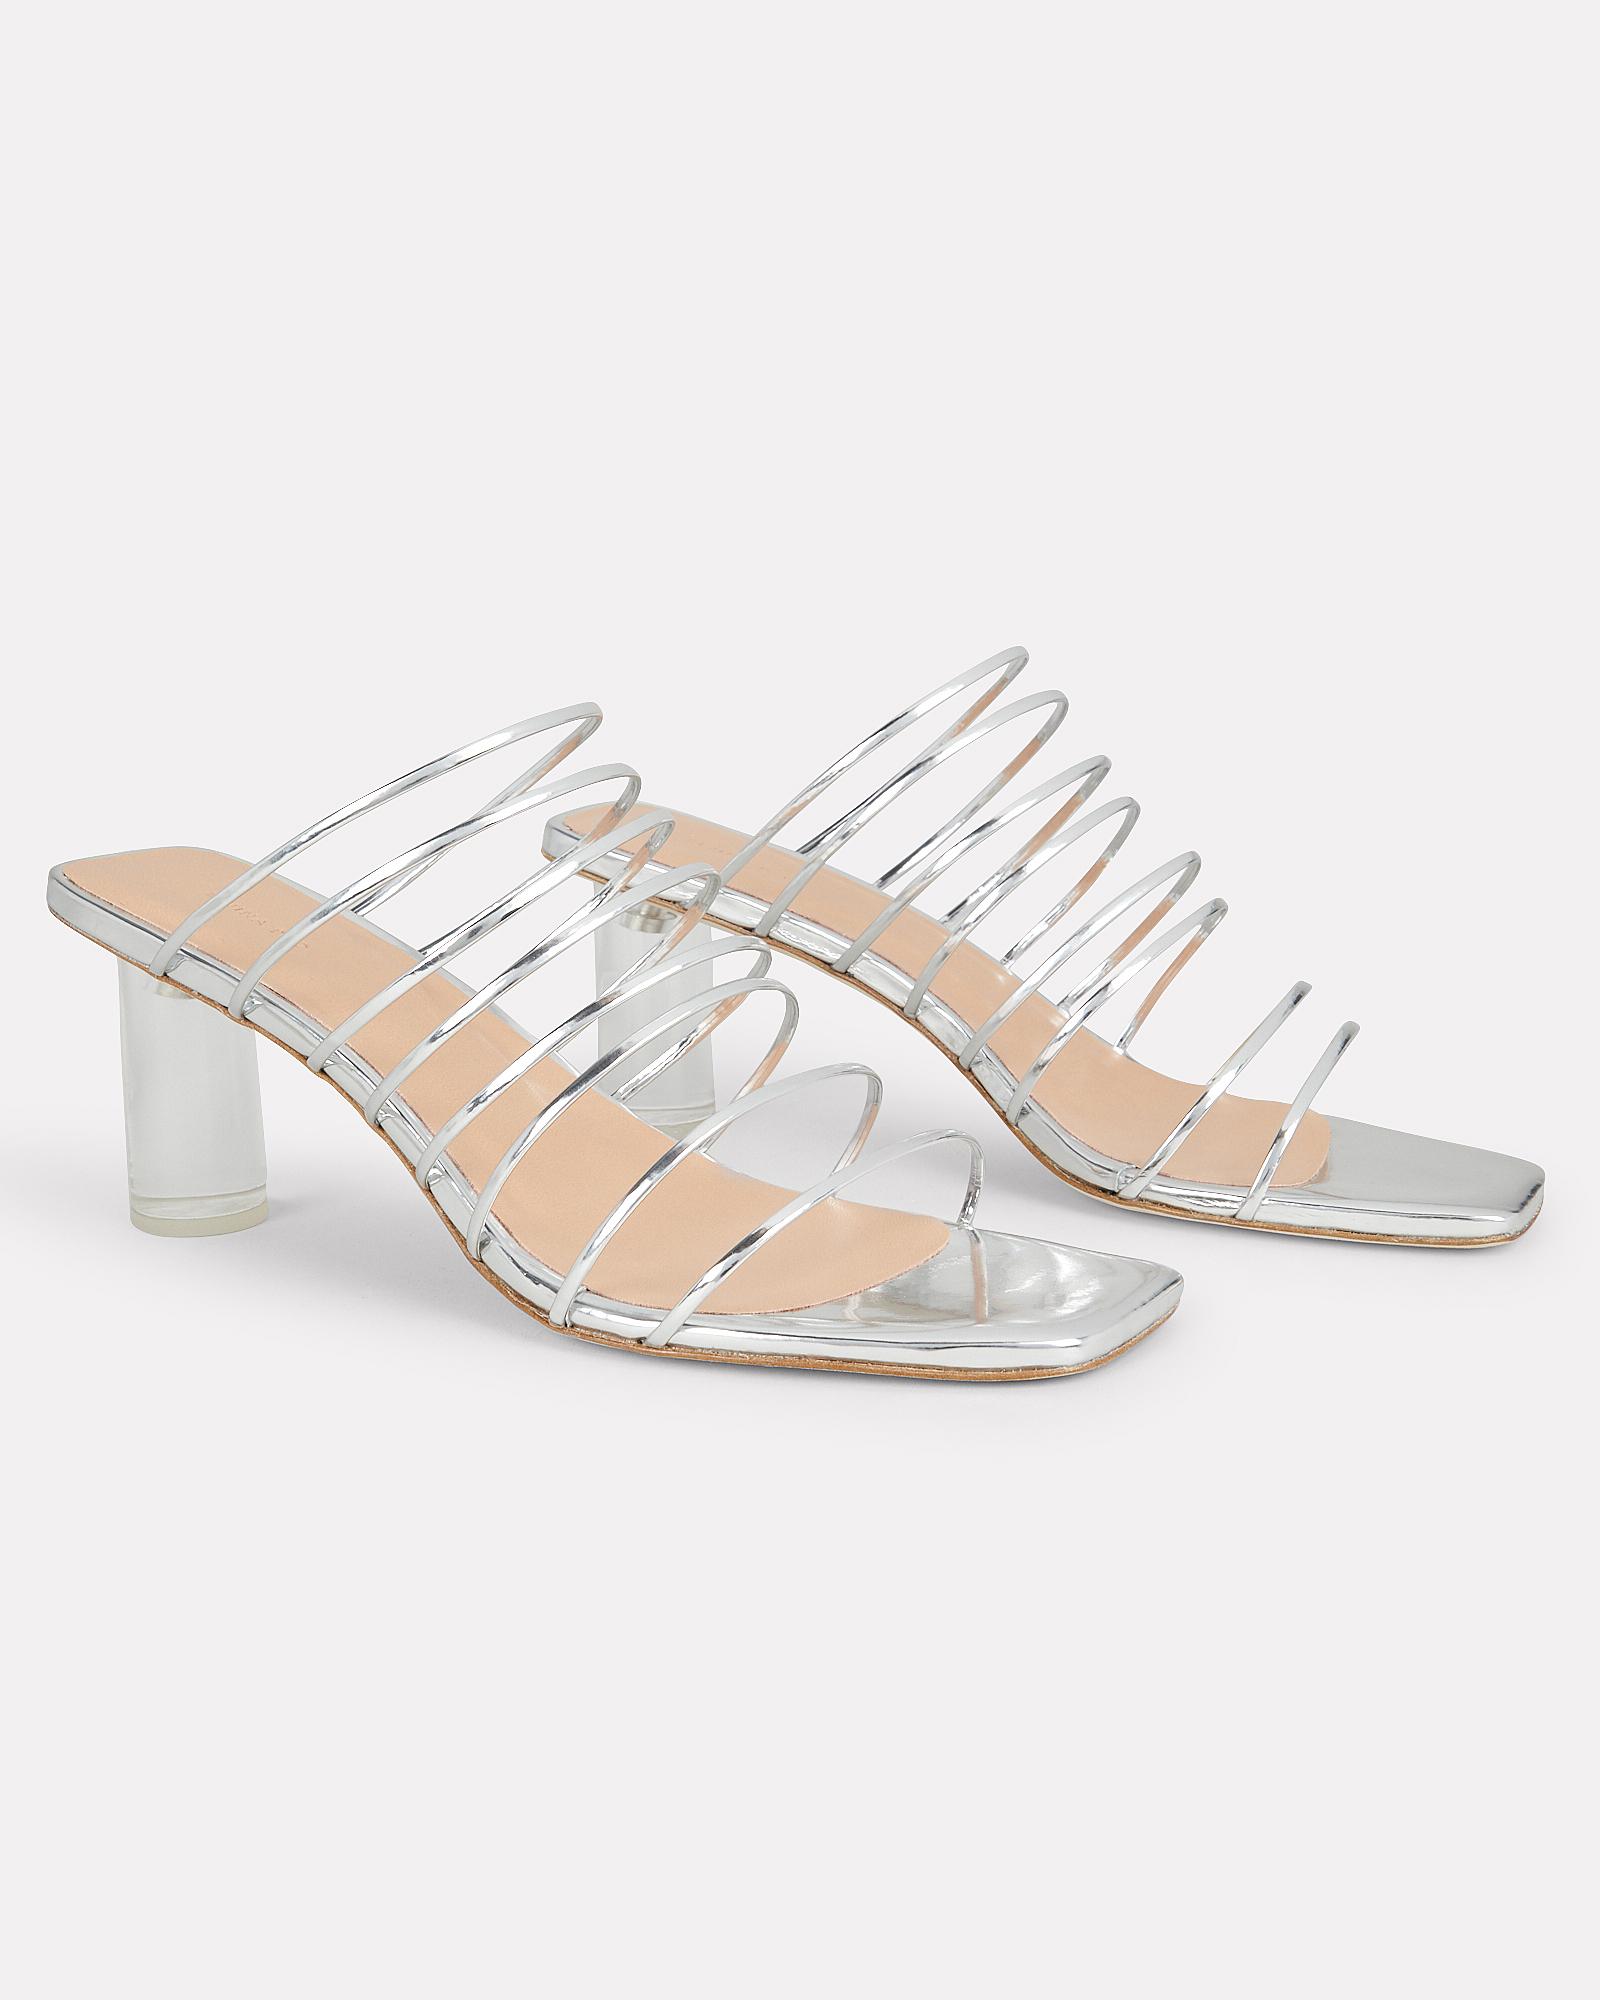 cbe8b2fa156 ... Zoe Lucite Heel Strappy Silver Sandals